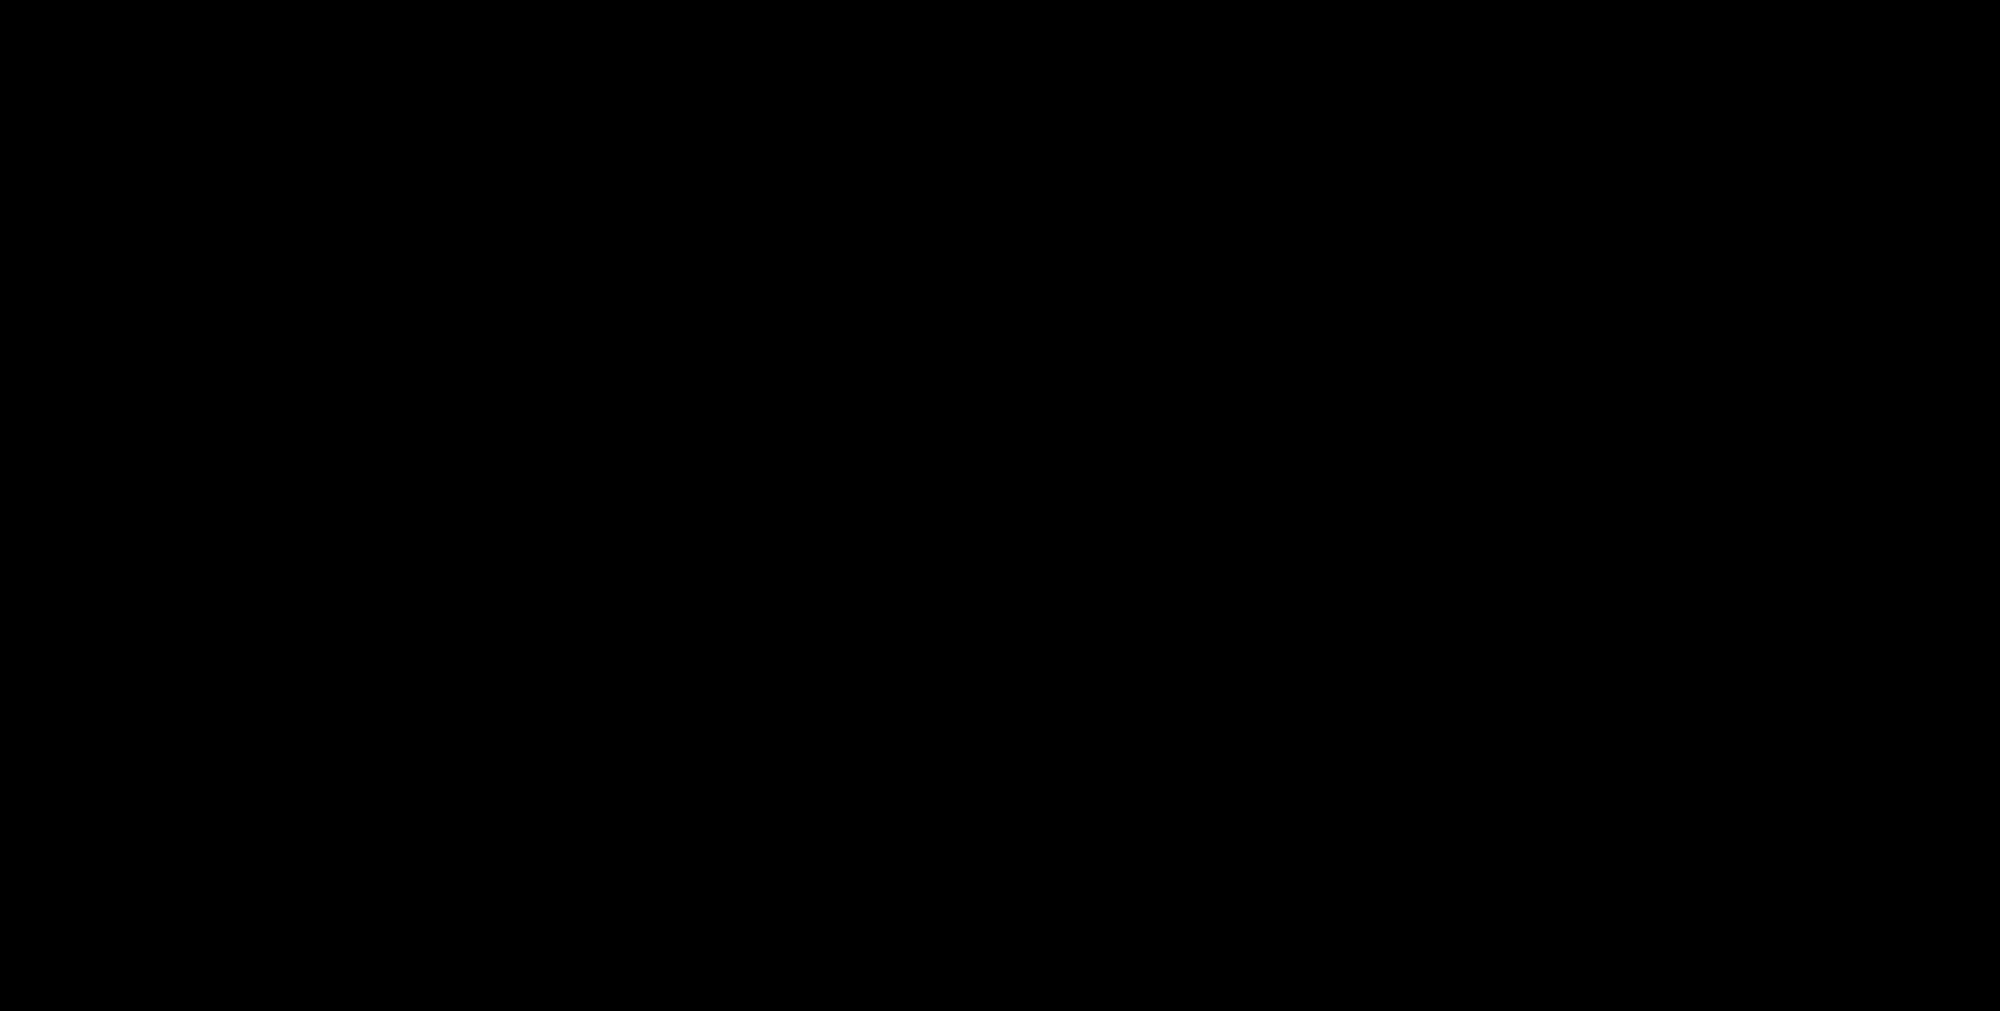 """Résultat de recherche d'images pour """"logo adagp"""""""